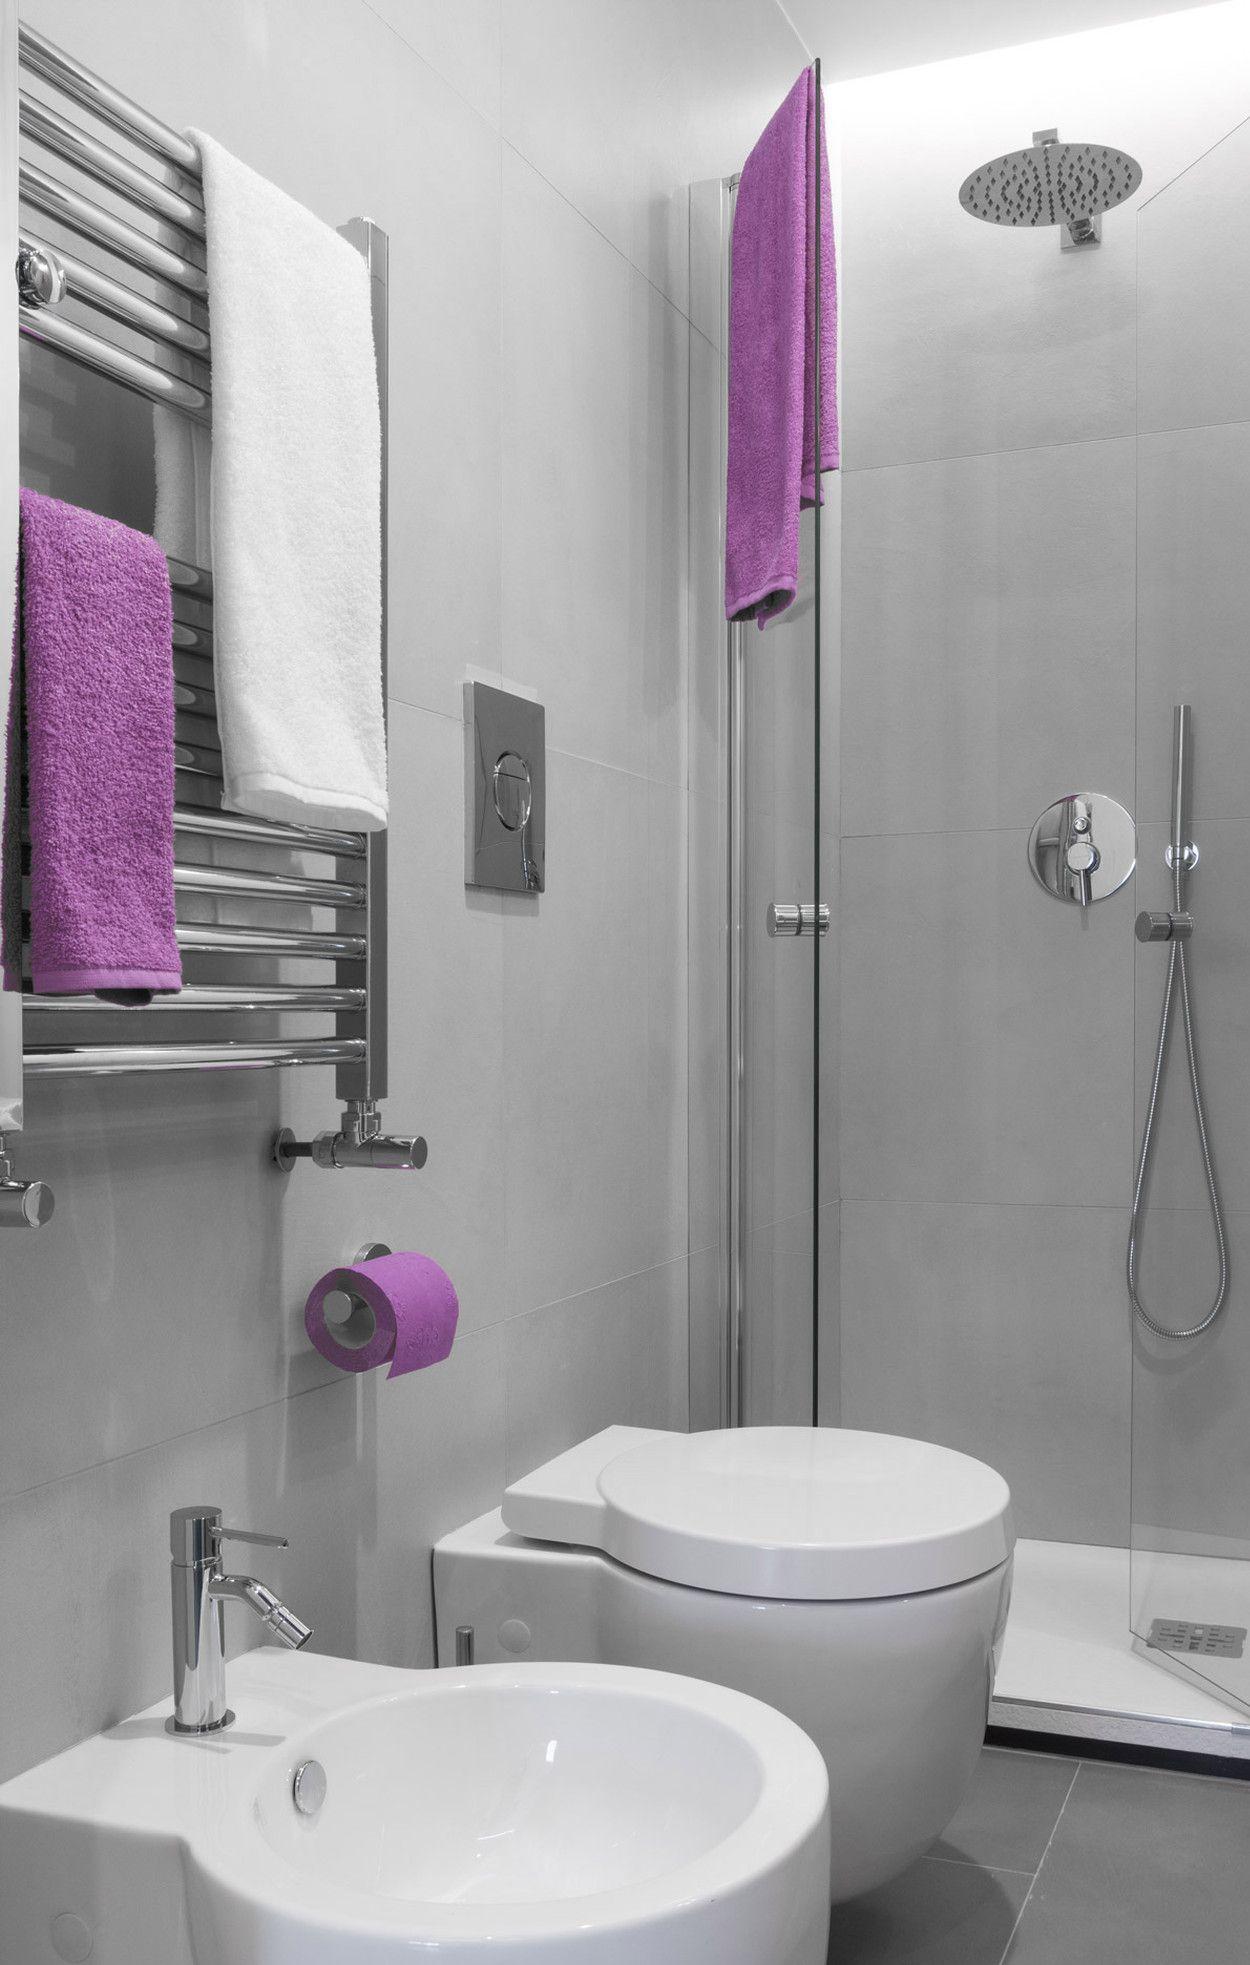 Minima architettura roma bagno design ristrutturazione bagno bagno piccolo minima - Ristrutturazione bagno piccolo ...